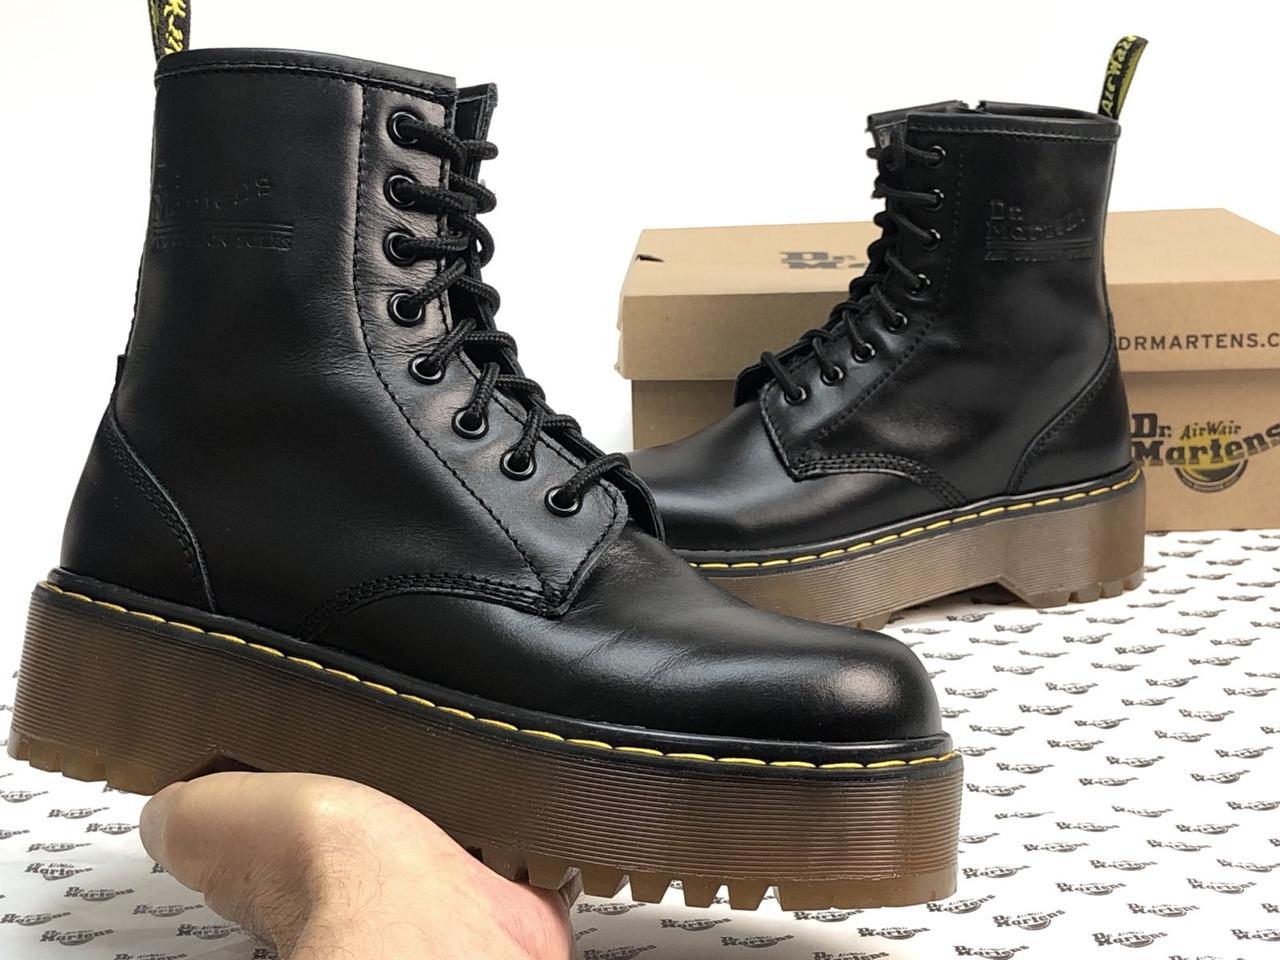 Женские ботинки Dr.Martens  JADON кожа, черные. ТОП Реплика ААА класса.